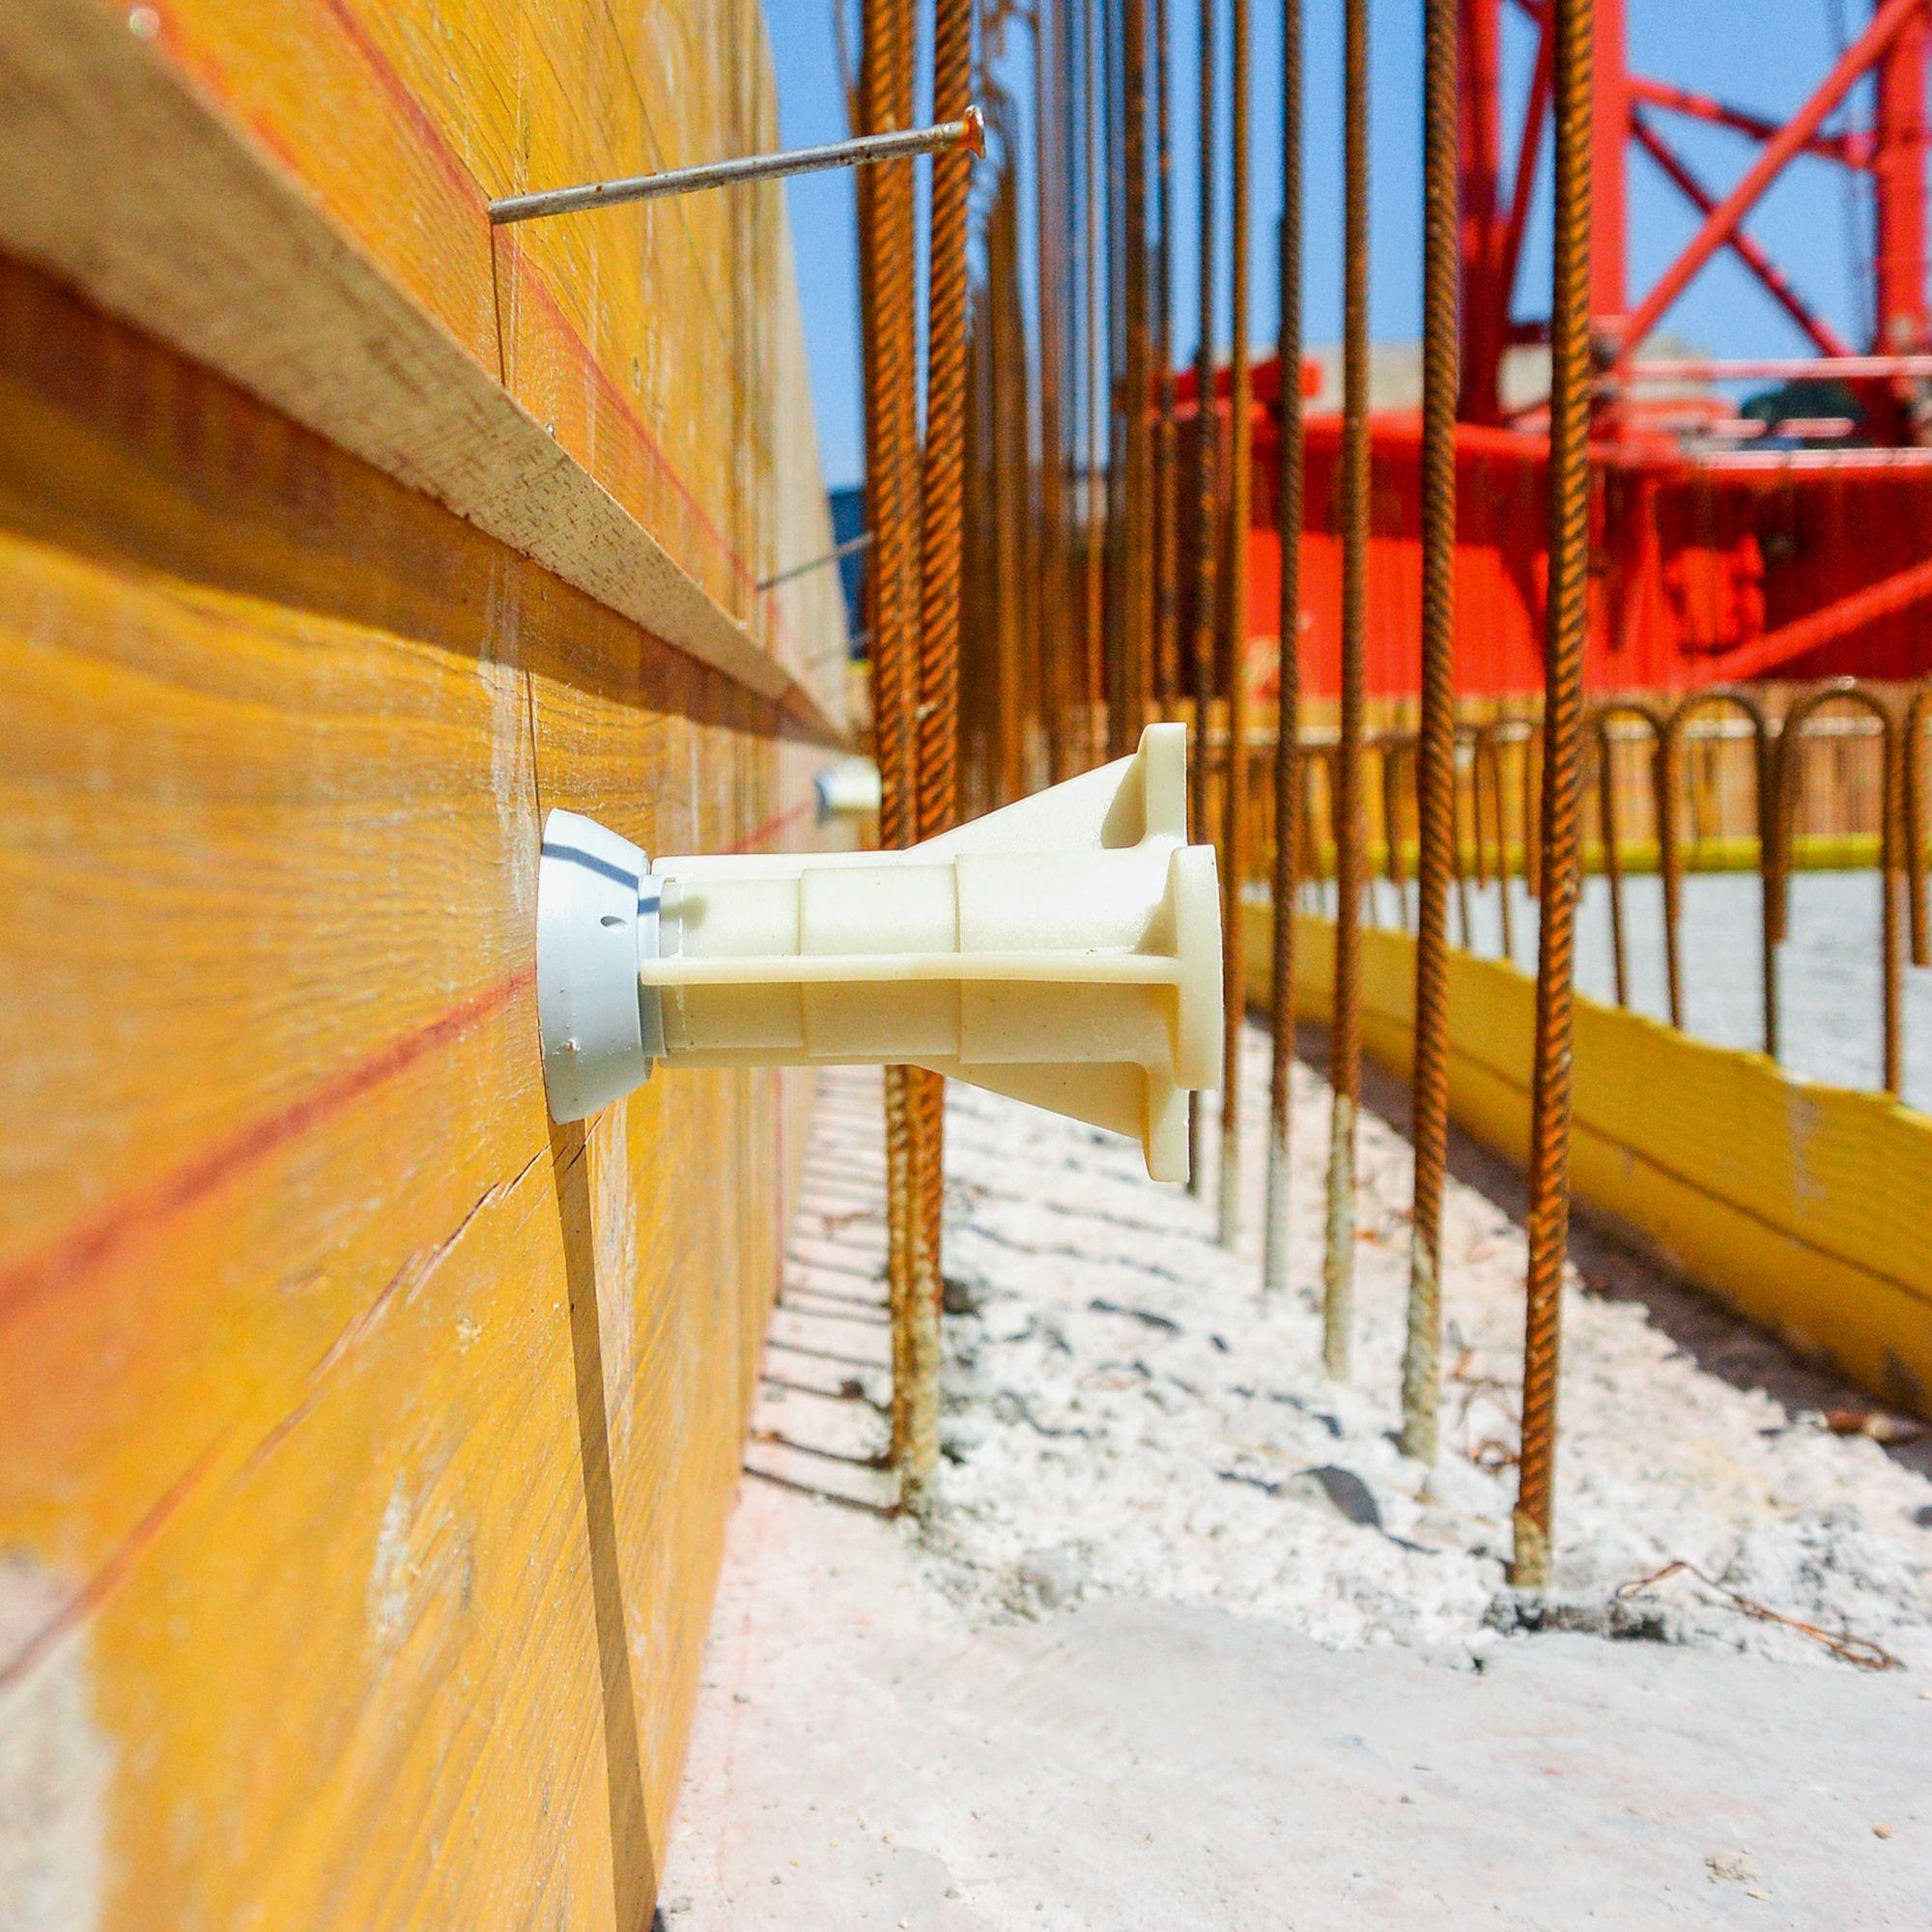 Die «UNI»-Betonhülse wird mit dem Montagekonus vorgängig an die Schalung genagelt und einbetoniert. Die beeindruckende Gebrauchslast in unarmiertem Beton beträgt 35 kN. Dank der Montageplatte und der Verlängerungshülse erhöht sich die Gebrauchslast der «U